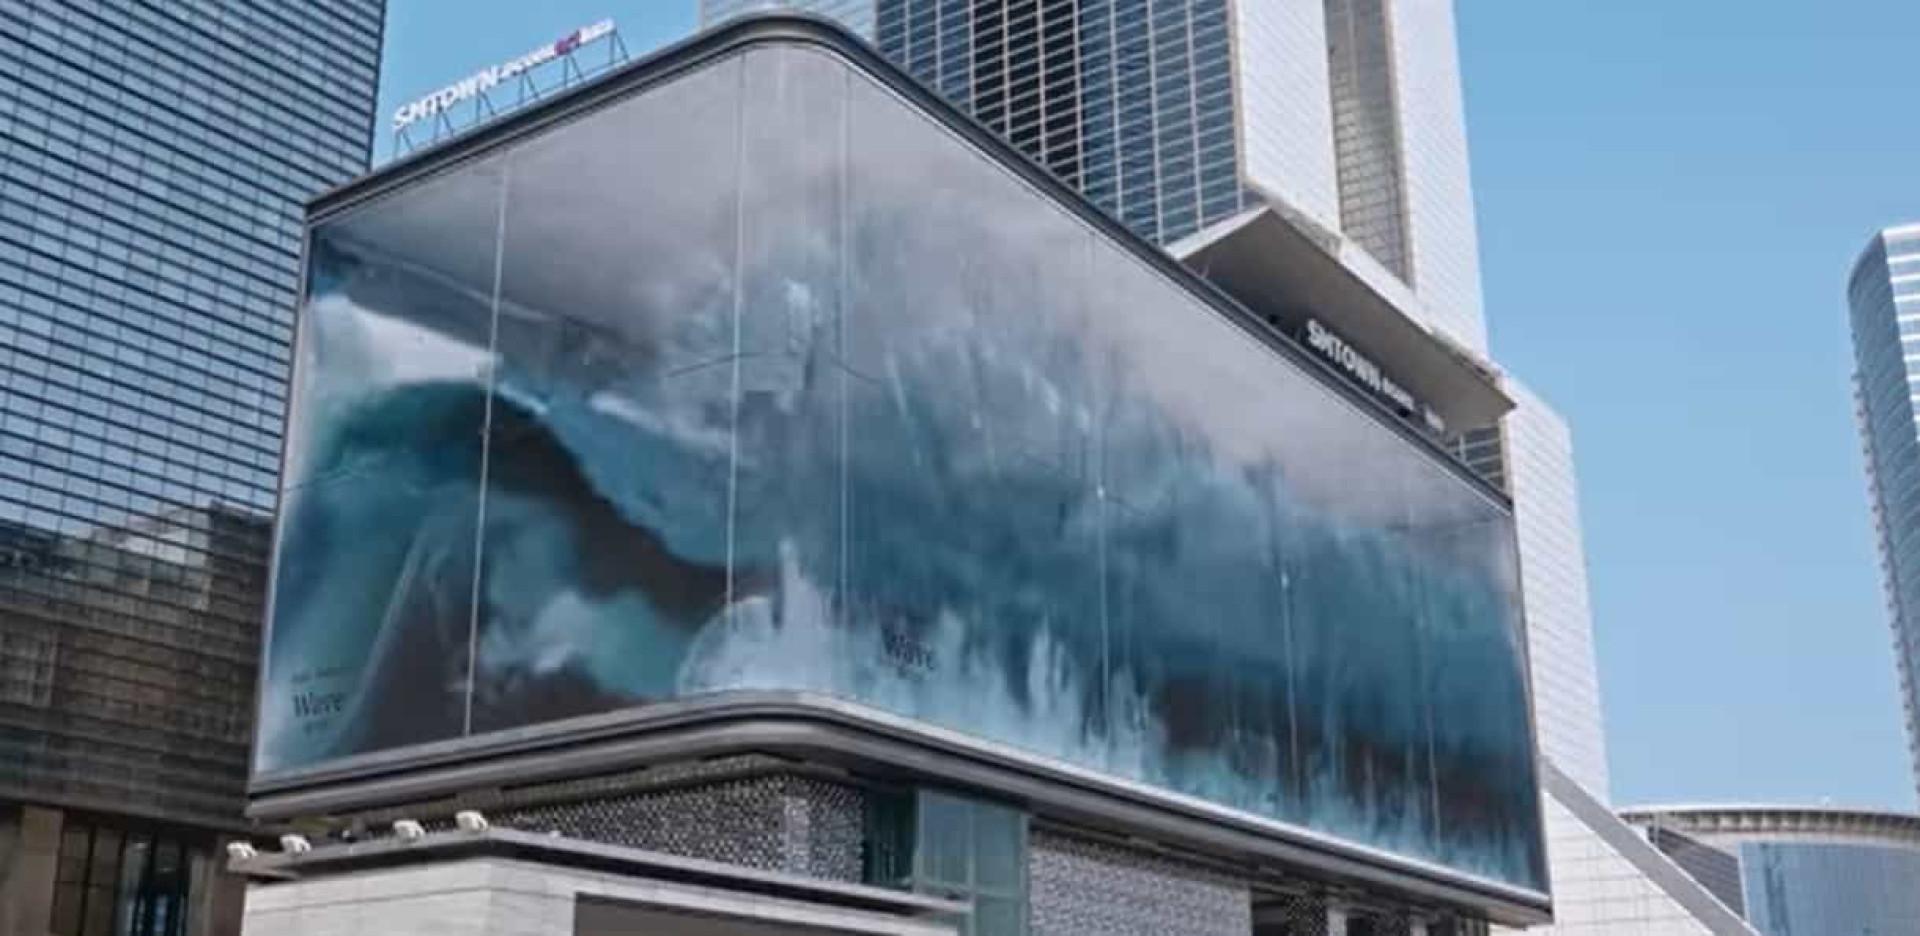 O oceano na cidade. Onda gigante 3D projetada em ecrãs LED em Seul